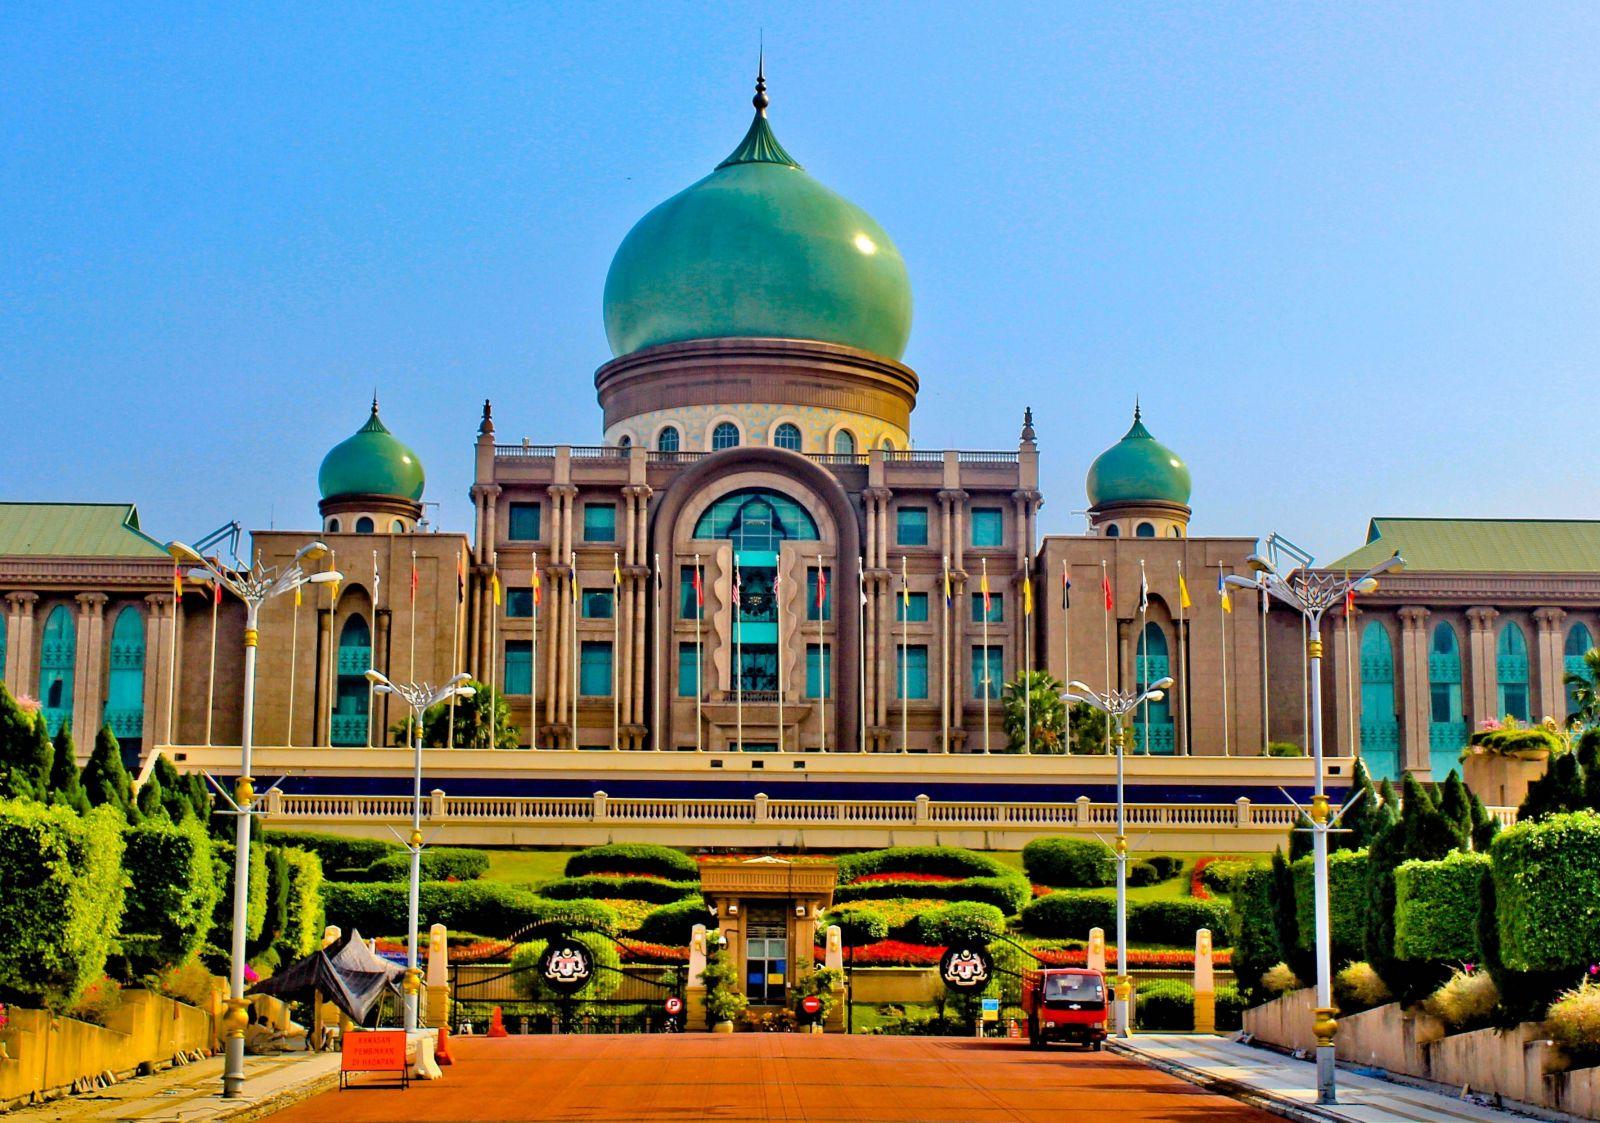 Perdana Putra– Nét giao thoa tuyệt vời giữa hiện đại và truyền thống